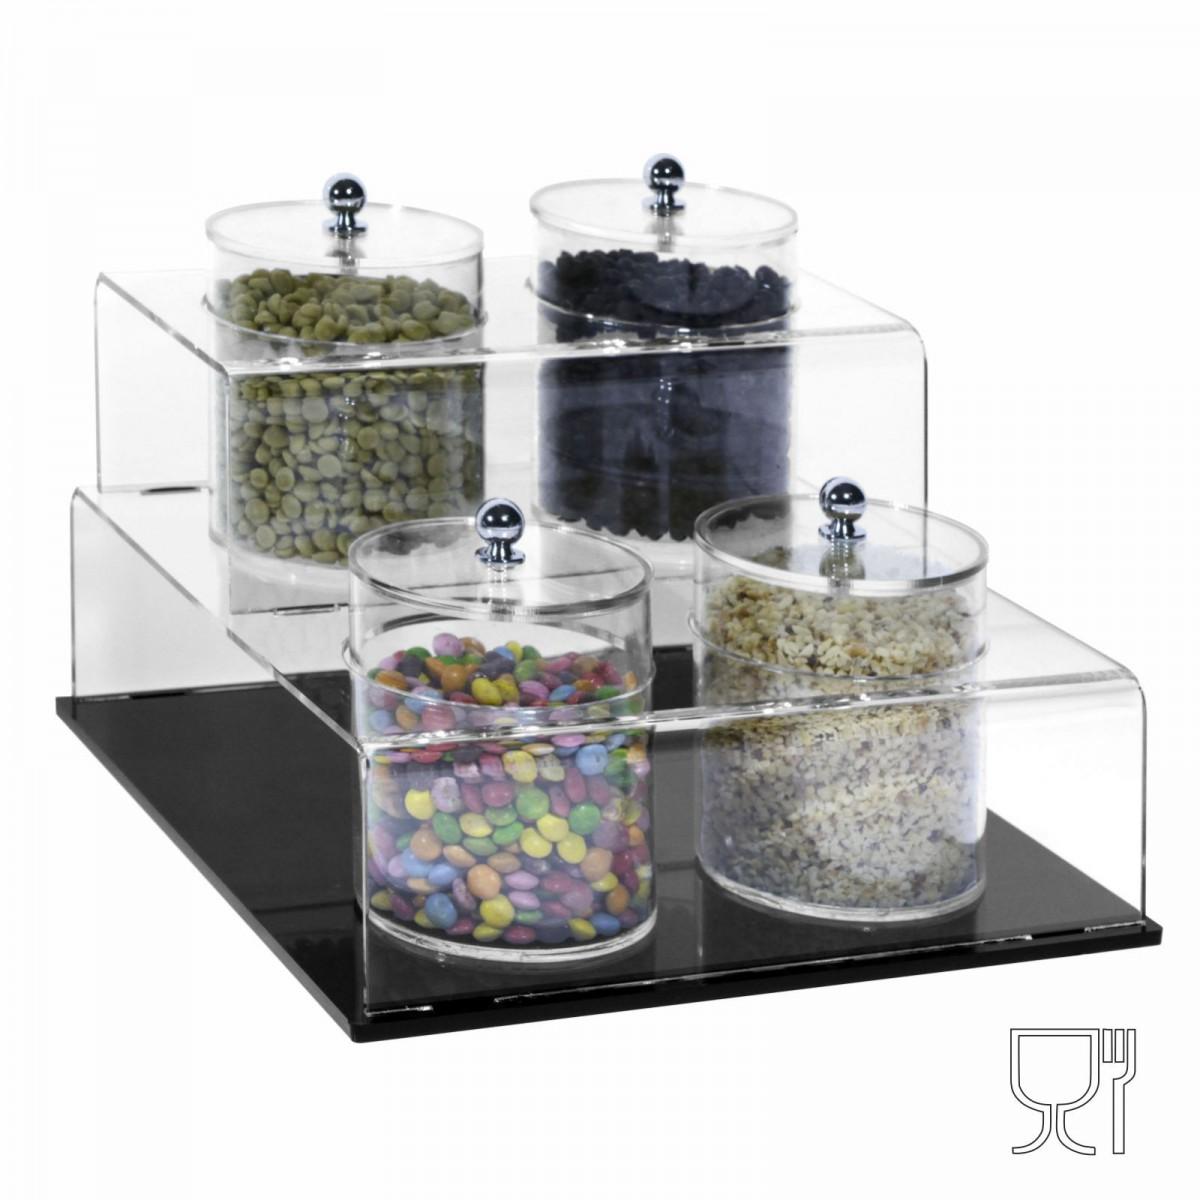 Porta graniglie o granelle  in plexiglass trasparente e base nera